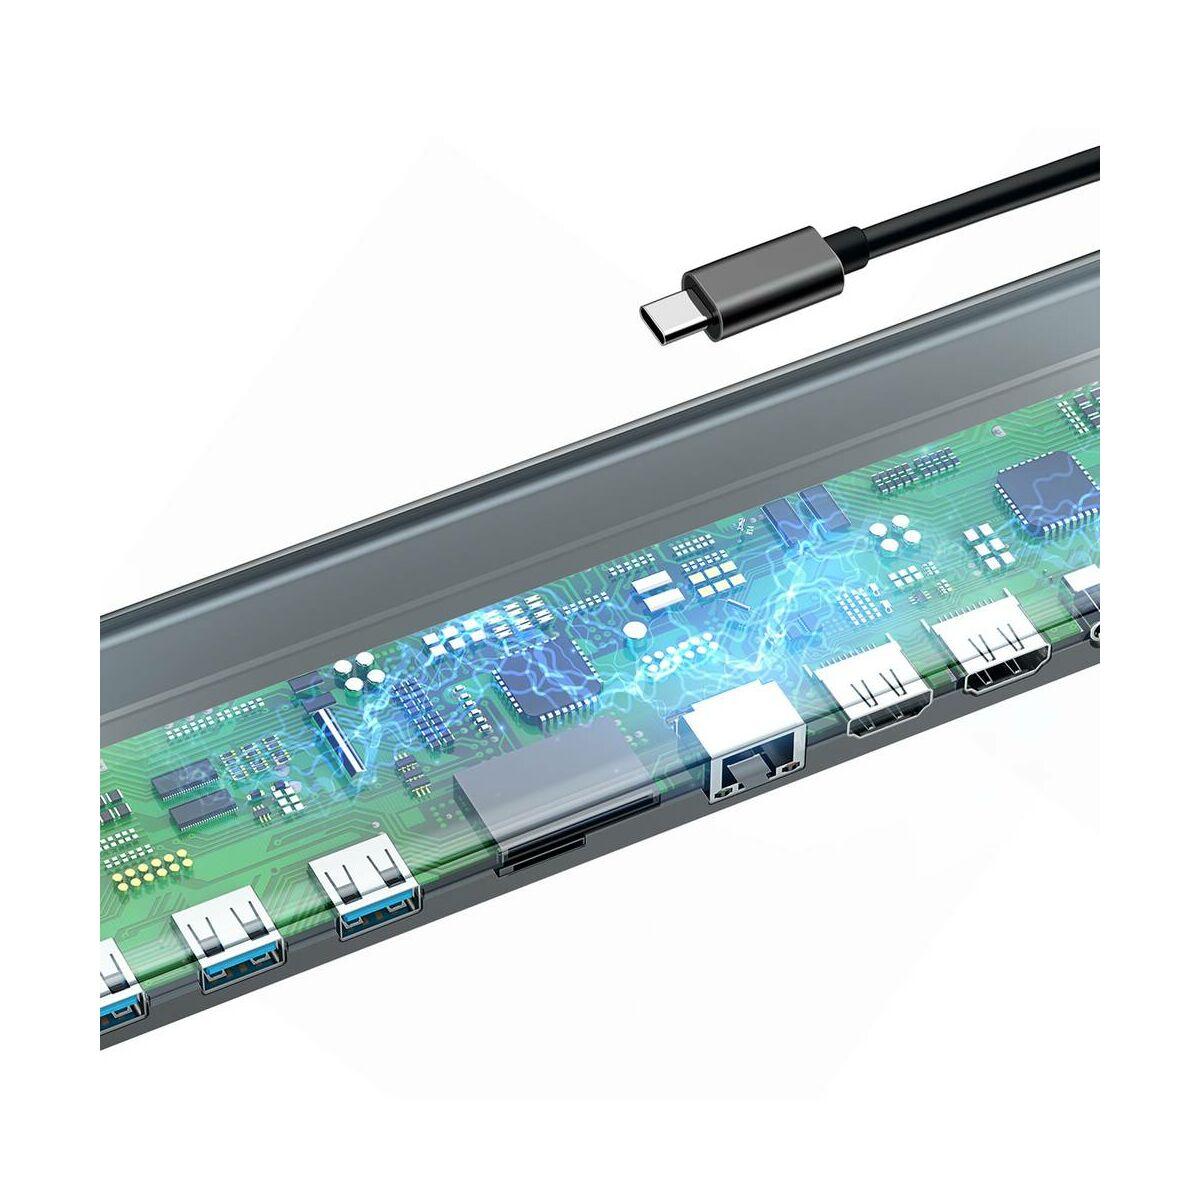 Baseus HUB, Enjoyment series (Type-C bemenetről - 2xHD4K/VGA/RJ45/SD/TF/3xUSB3.0/PD=60W (20V/3A), Notebook dokkoló, szürke (CATSX-G0G)